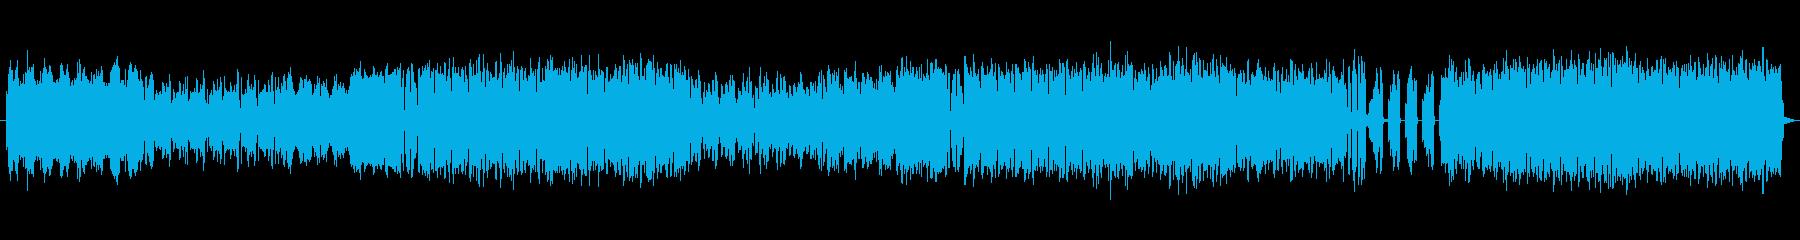 明るくポップな雰囲気のエレクトロサウンドの再生済みの波形